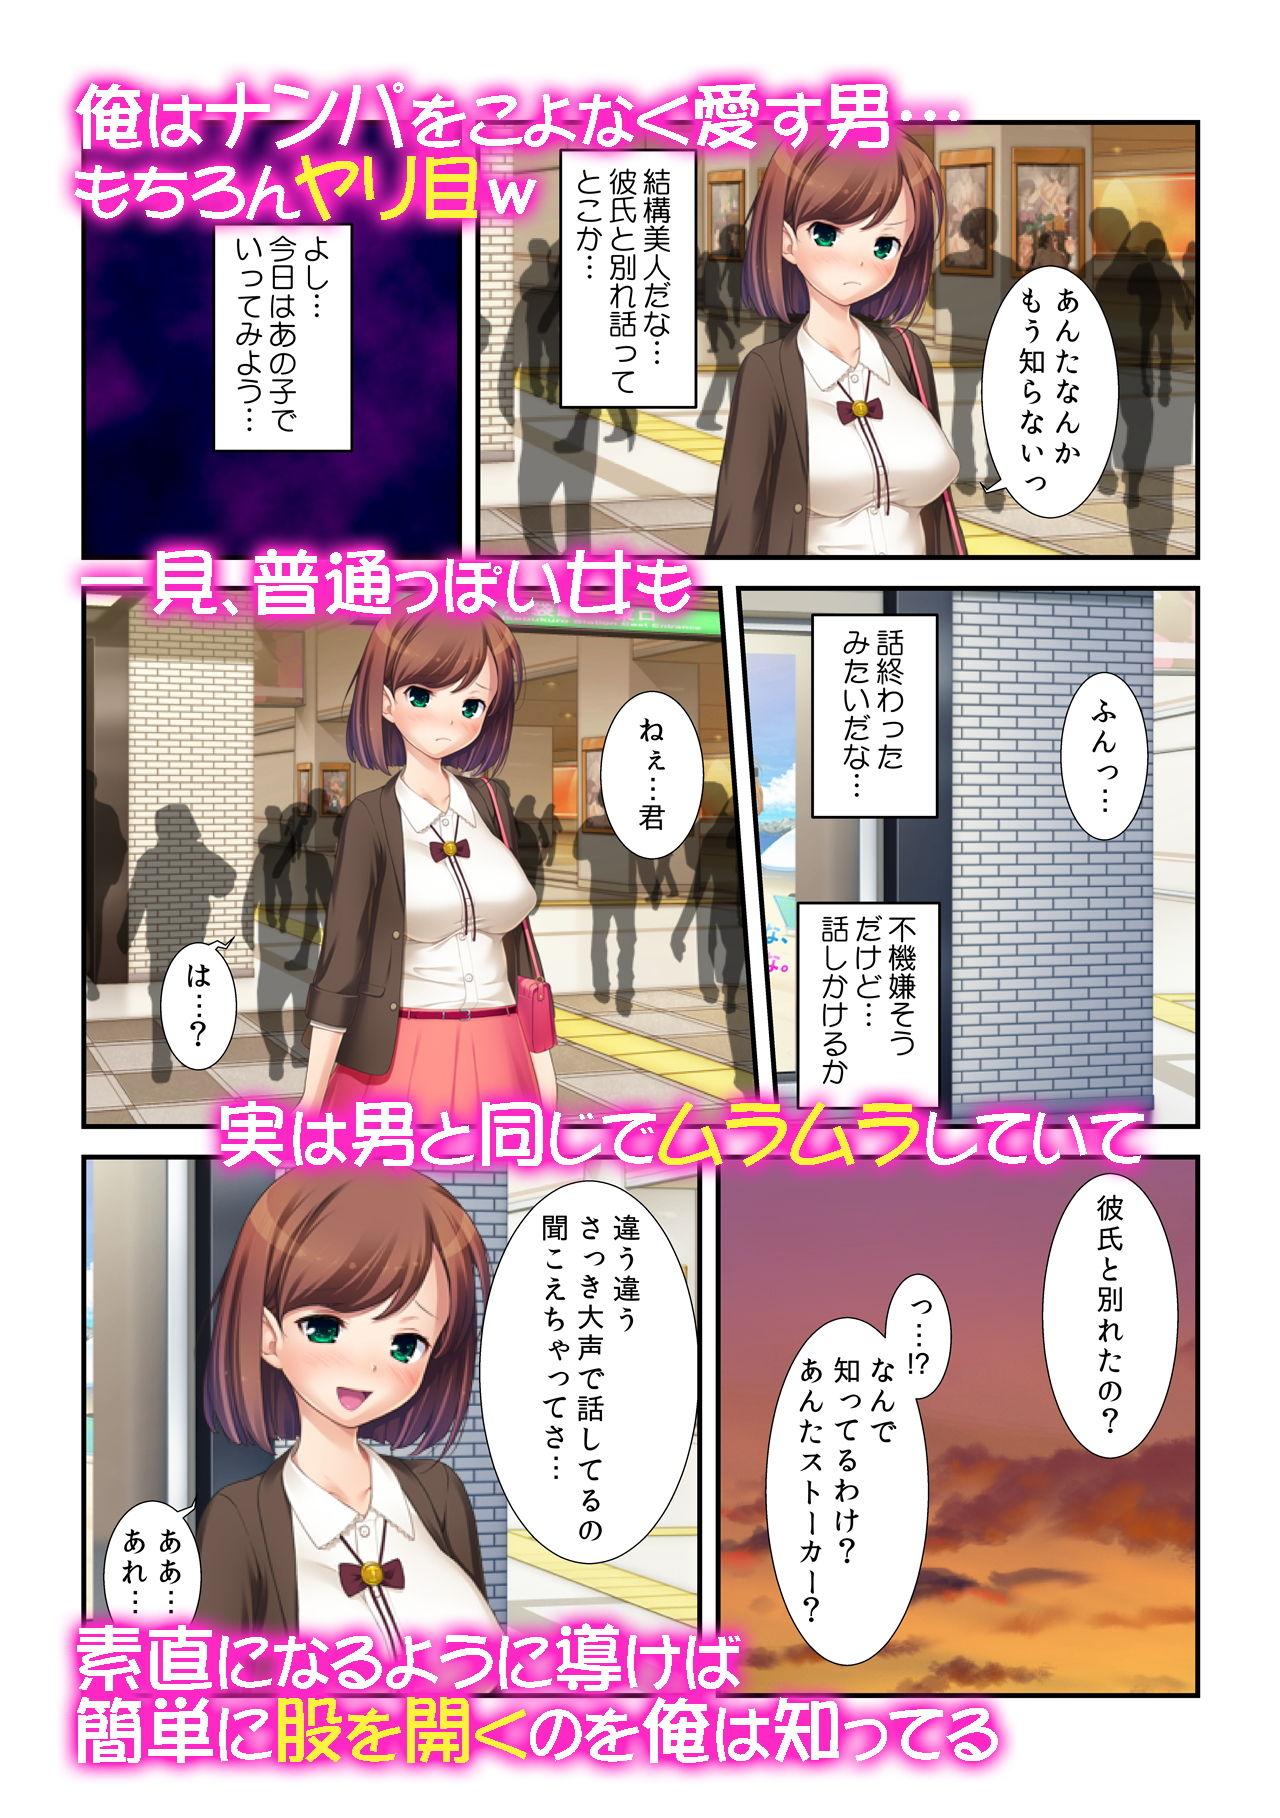 【カキタレちゃん 同人】ナンパ→即ハメ~普通っぽい女も実はSEXしたくて待っている?~